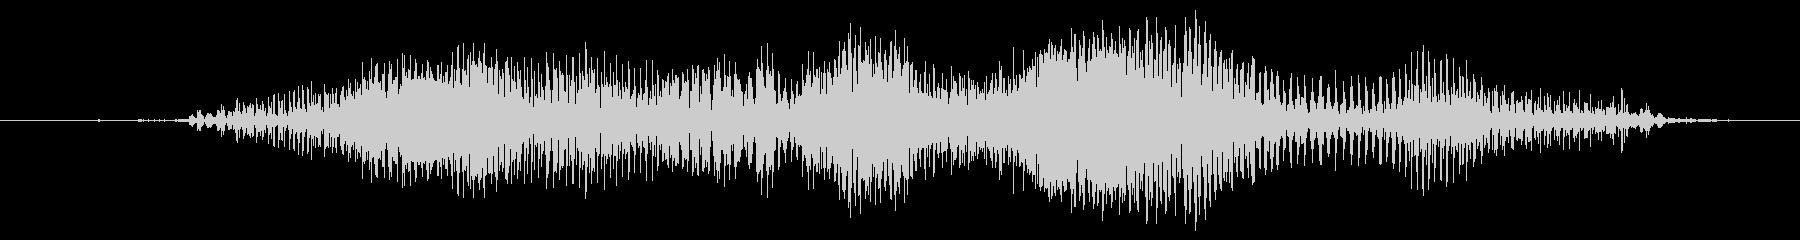 スモールケース:ジップアップ、ミデ...の未再生の波形